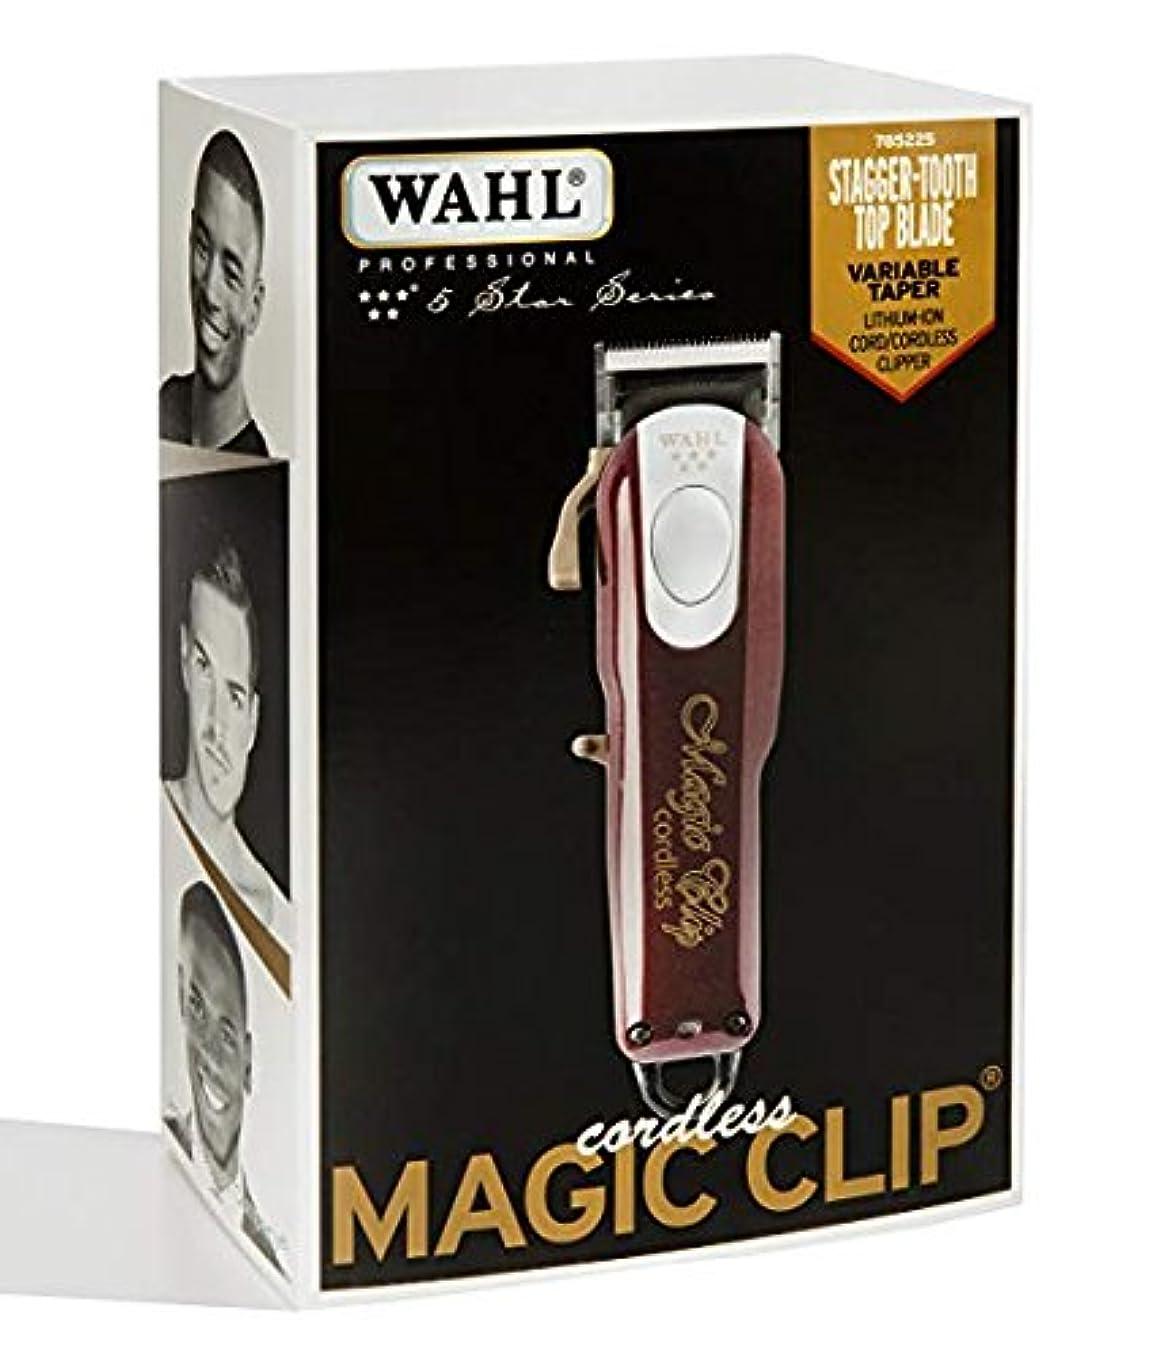 ピストル命令的批評[Wahl] [すばらしいです 専用 理髪店とスタイリスト - 90分以上の実行時間 / Professional 5-Star Cord/Cordless Magic Clip #8148] (並行輸入品)